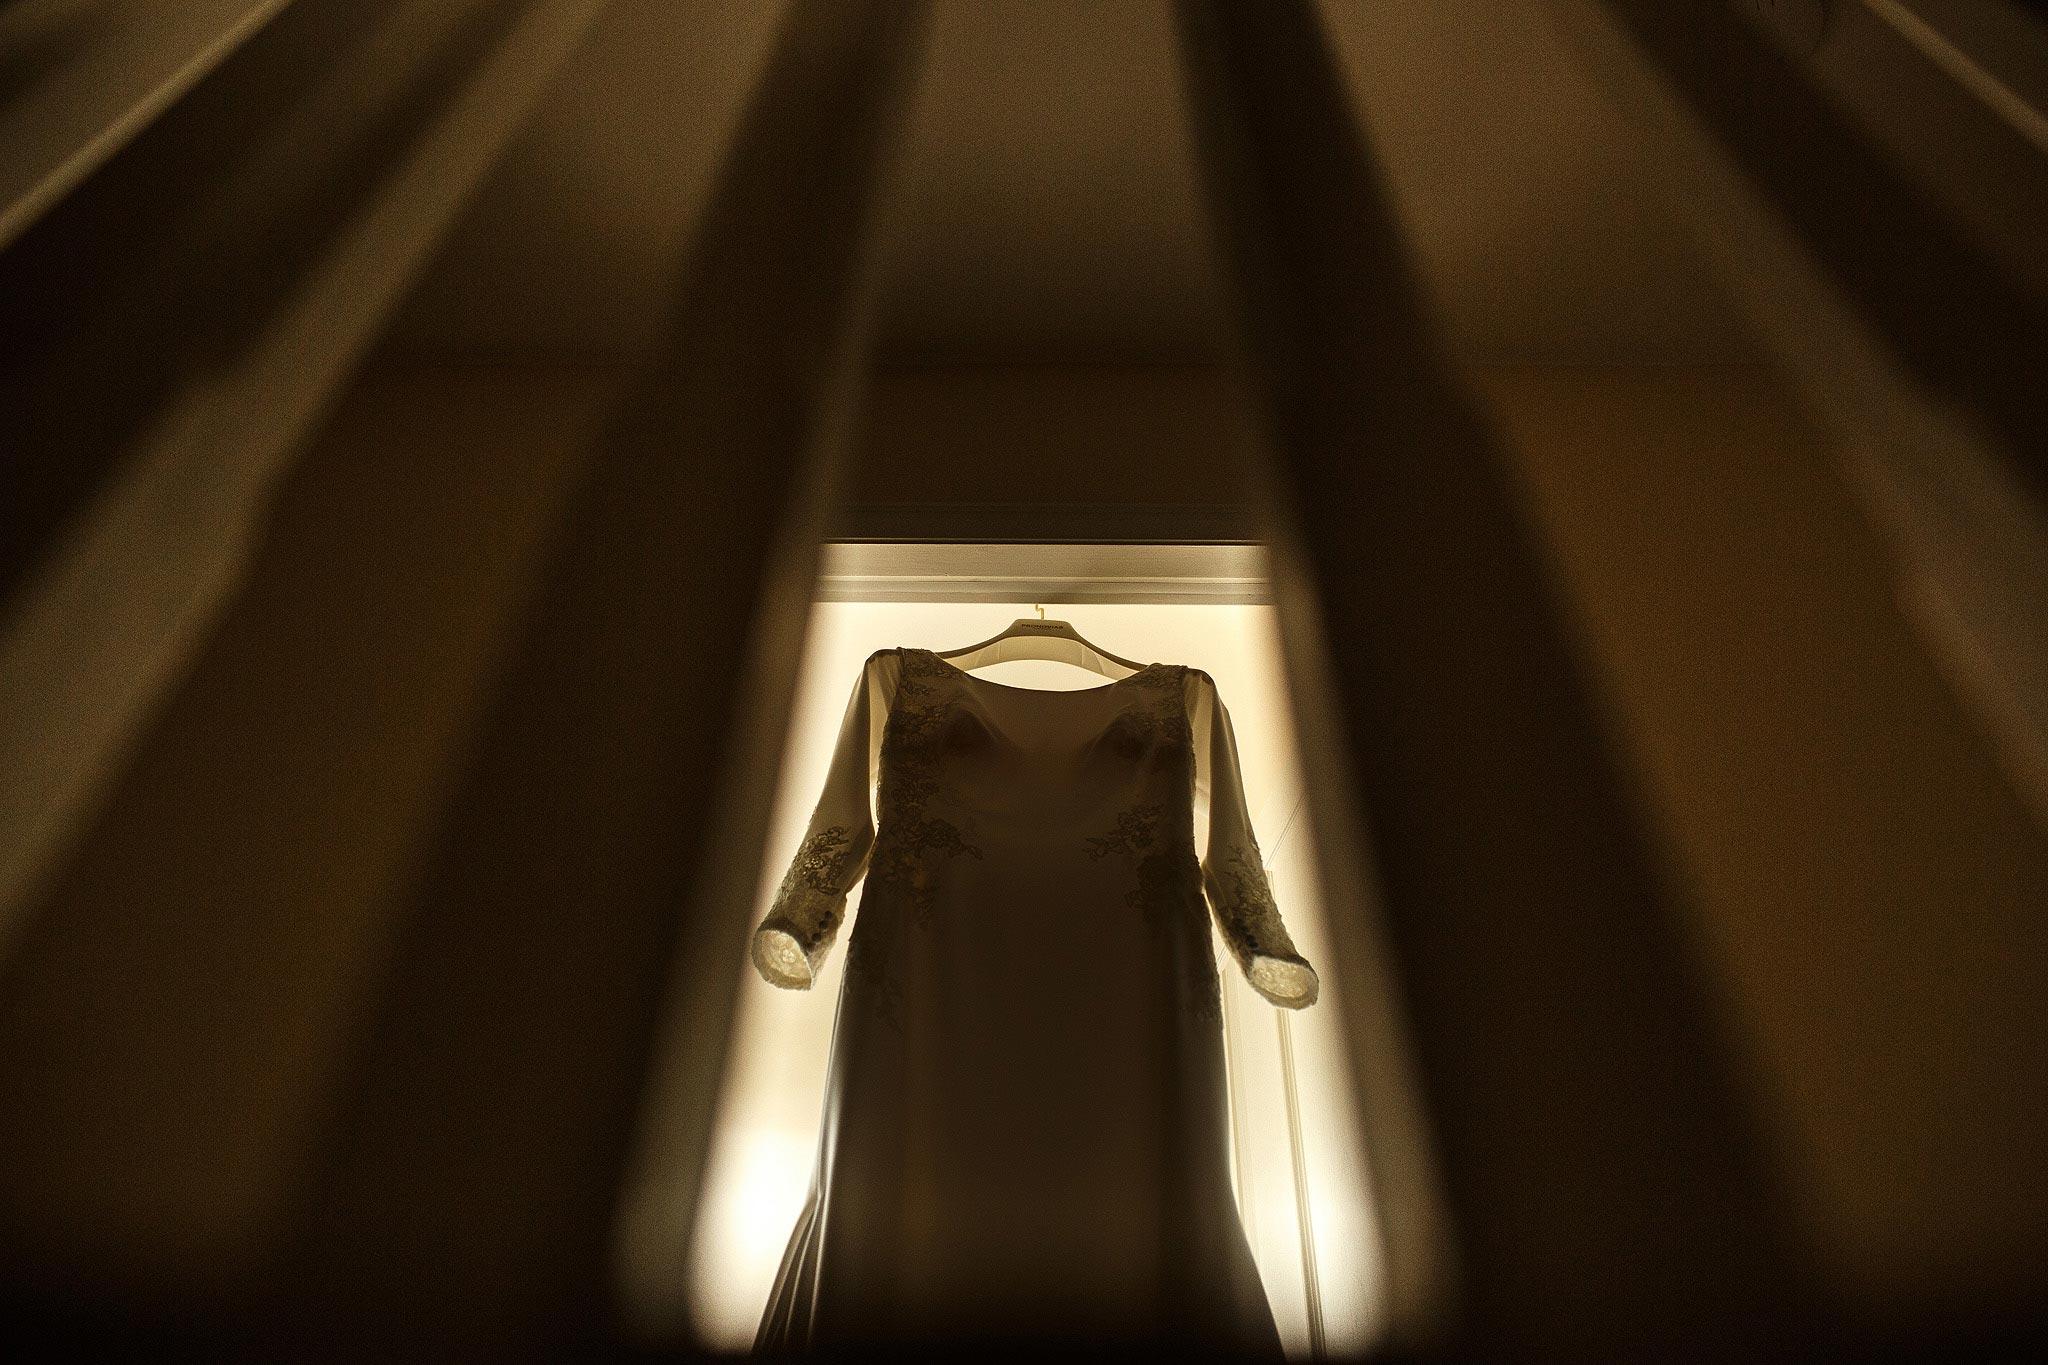 brides wedding dress through a staircase